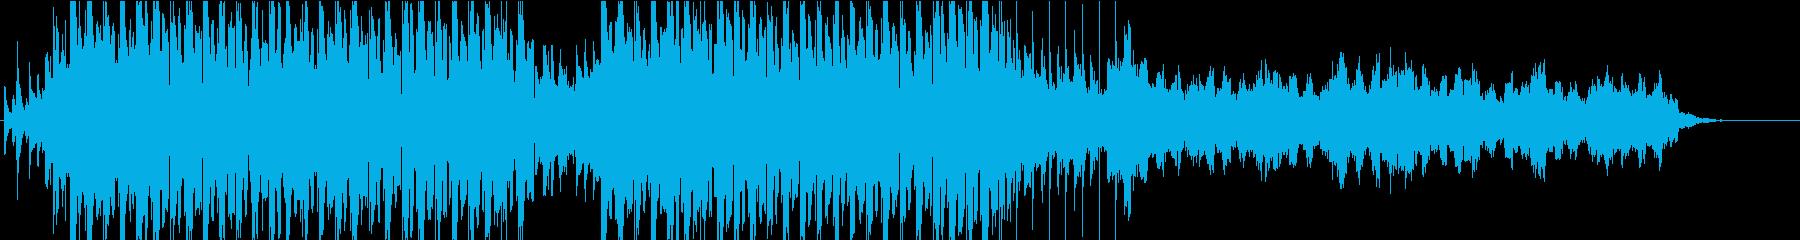 南国リゾ~ト!海外趣向トロピカルハウス③の再生済みの波形